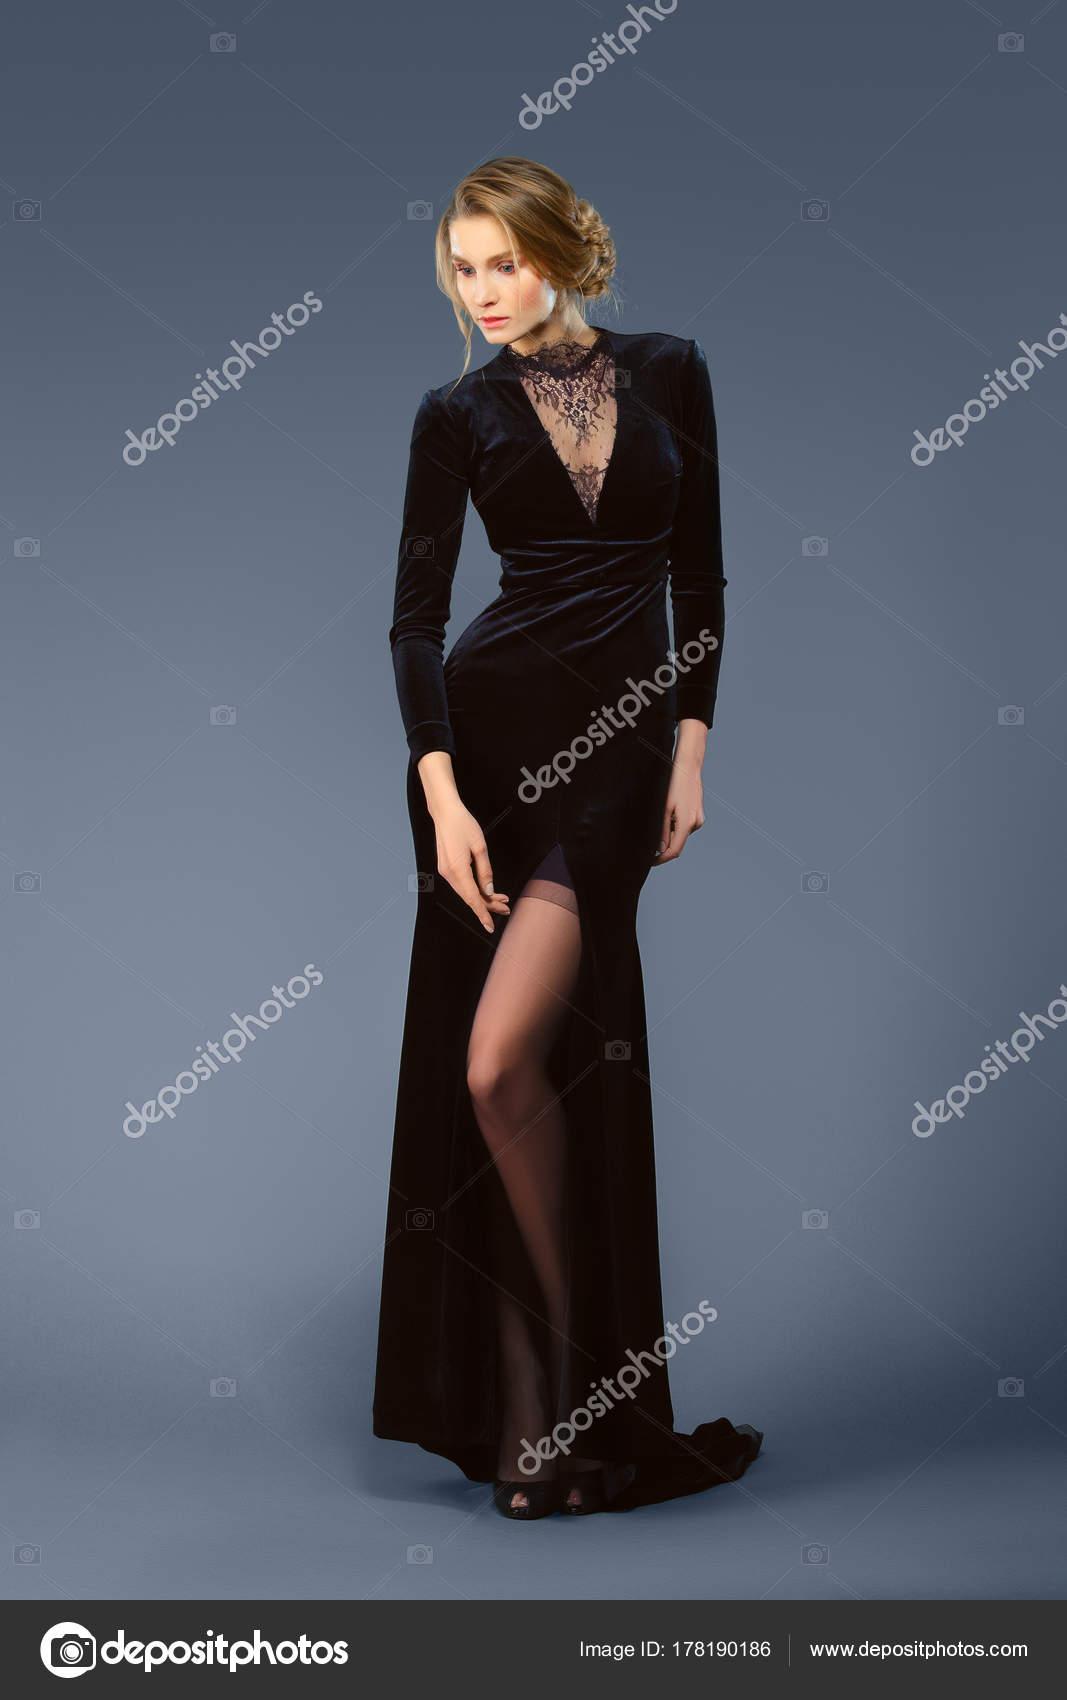 e071f288fb3a134 Полная длина портрет красивой леди в длинные бархатное платье с глубоким  вырезом– Стоковое изображение